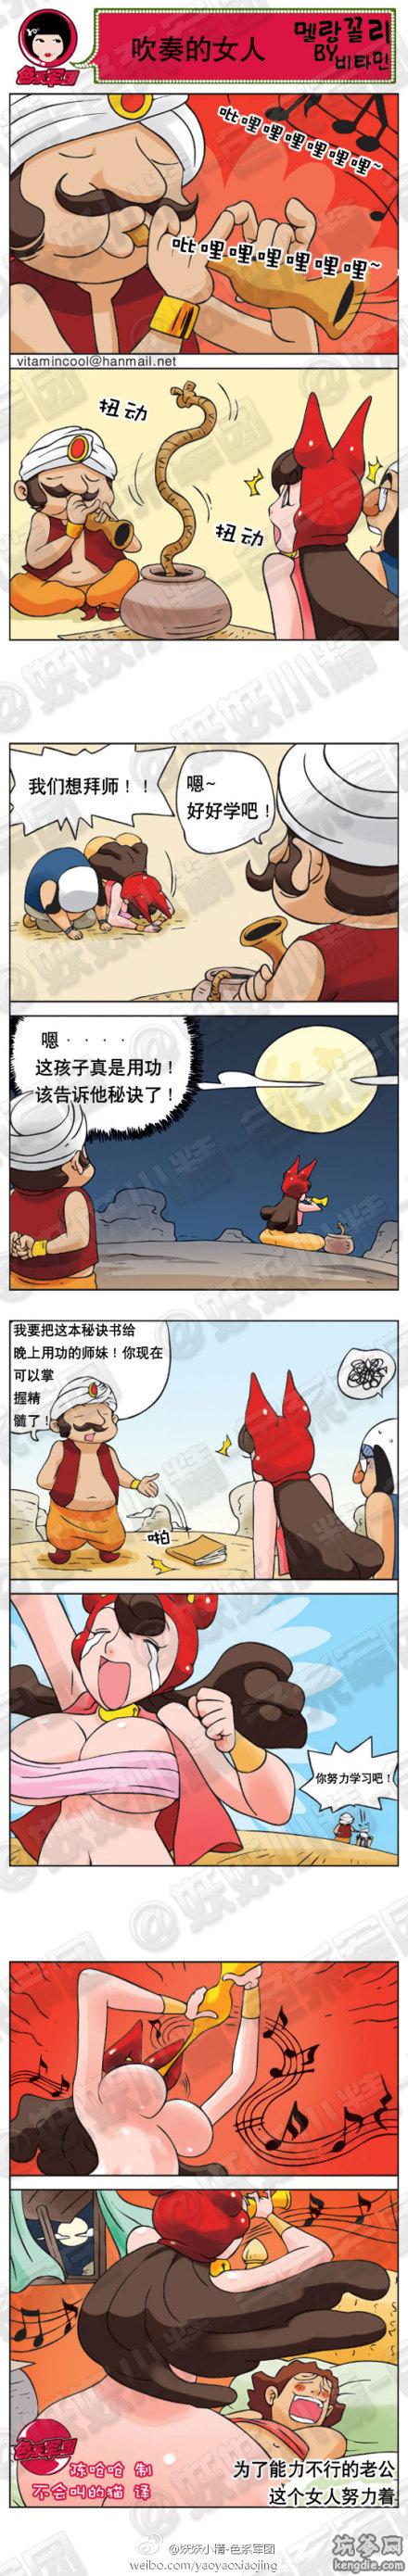 色系军团邪恶漫画:美女的苦心